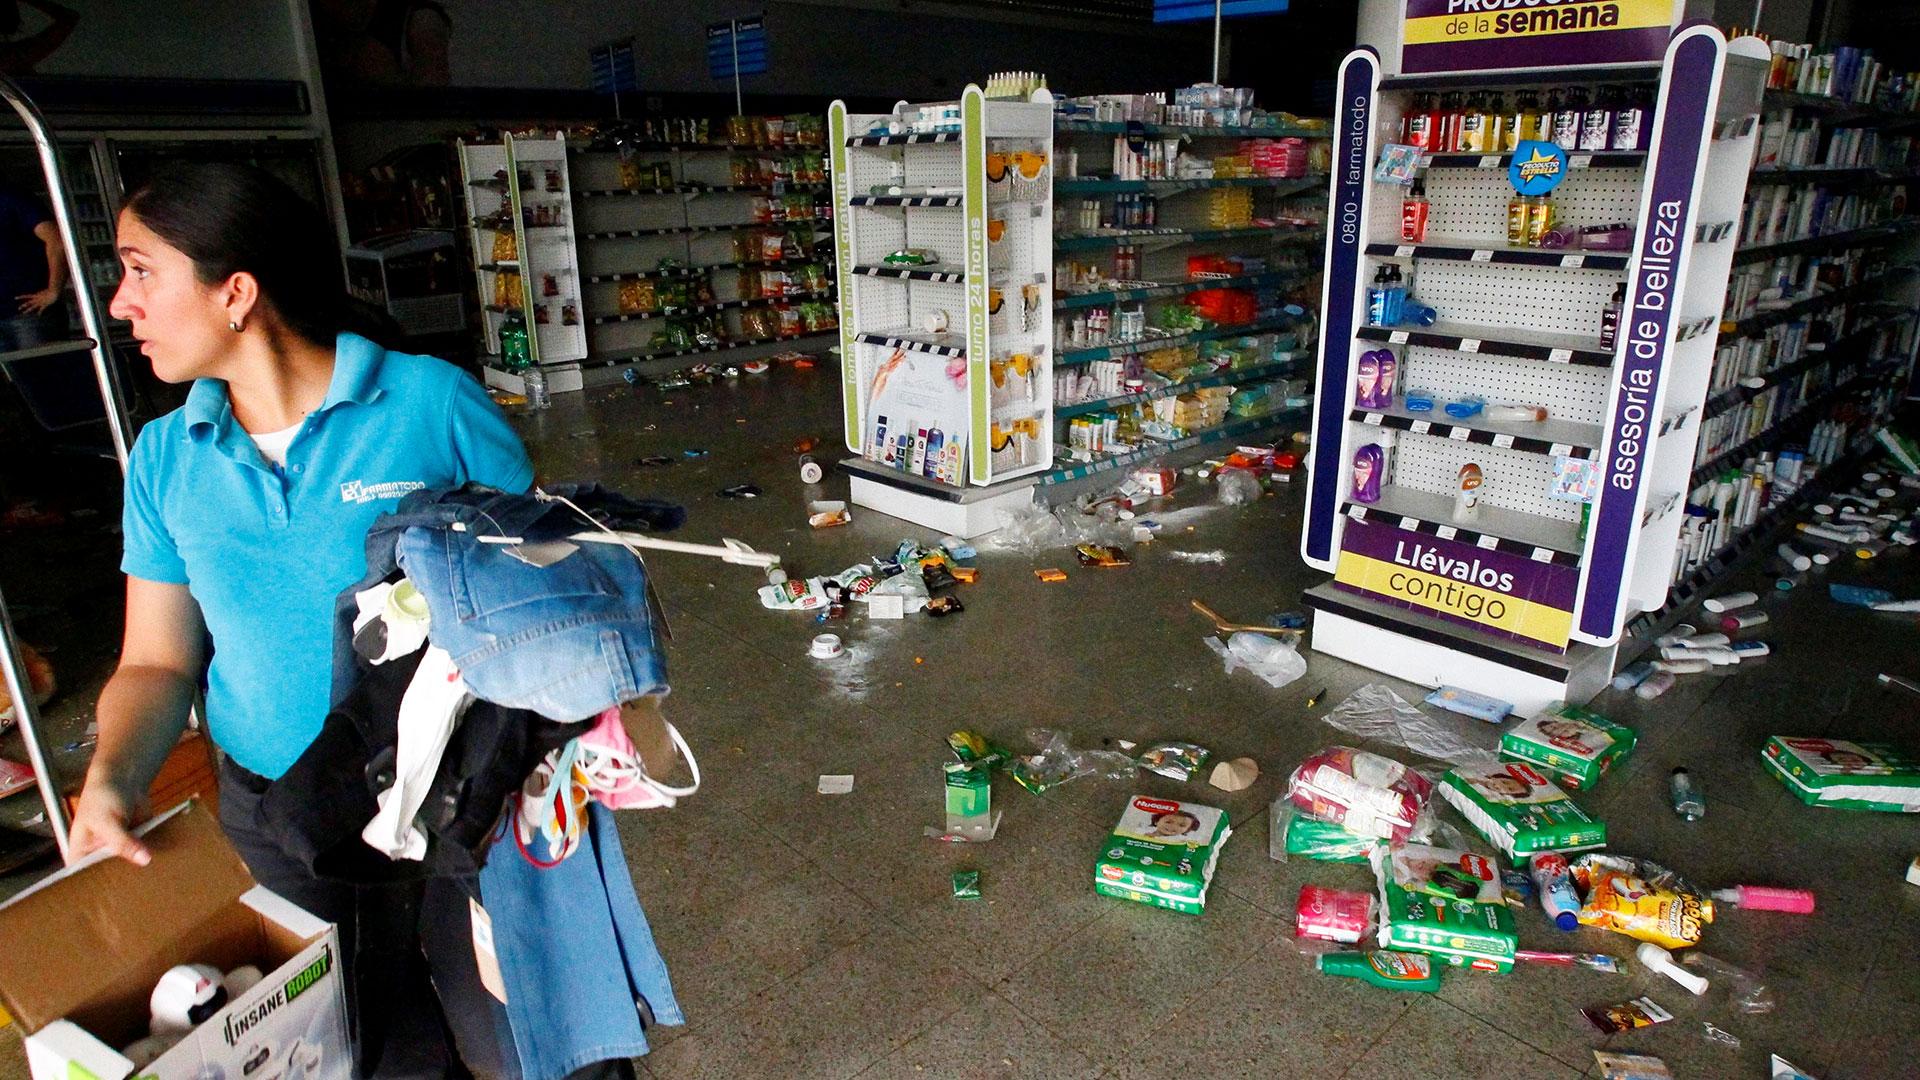 Una farmacia de Maracaibo, parte de los cerca de 500 negocios saqueados durante el apagón de la última semana (Reuters)